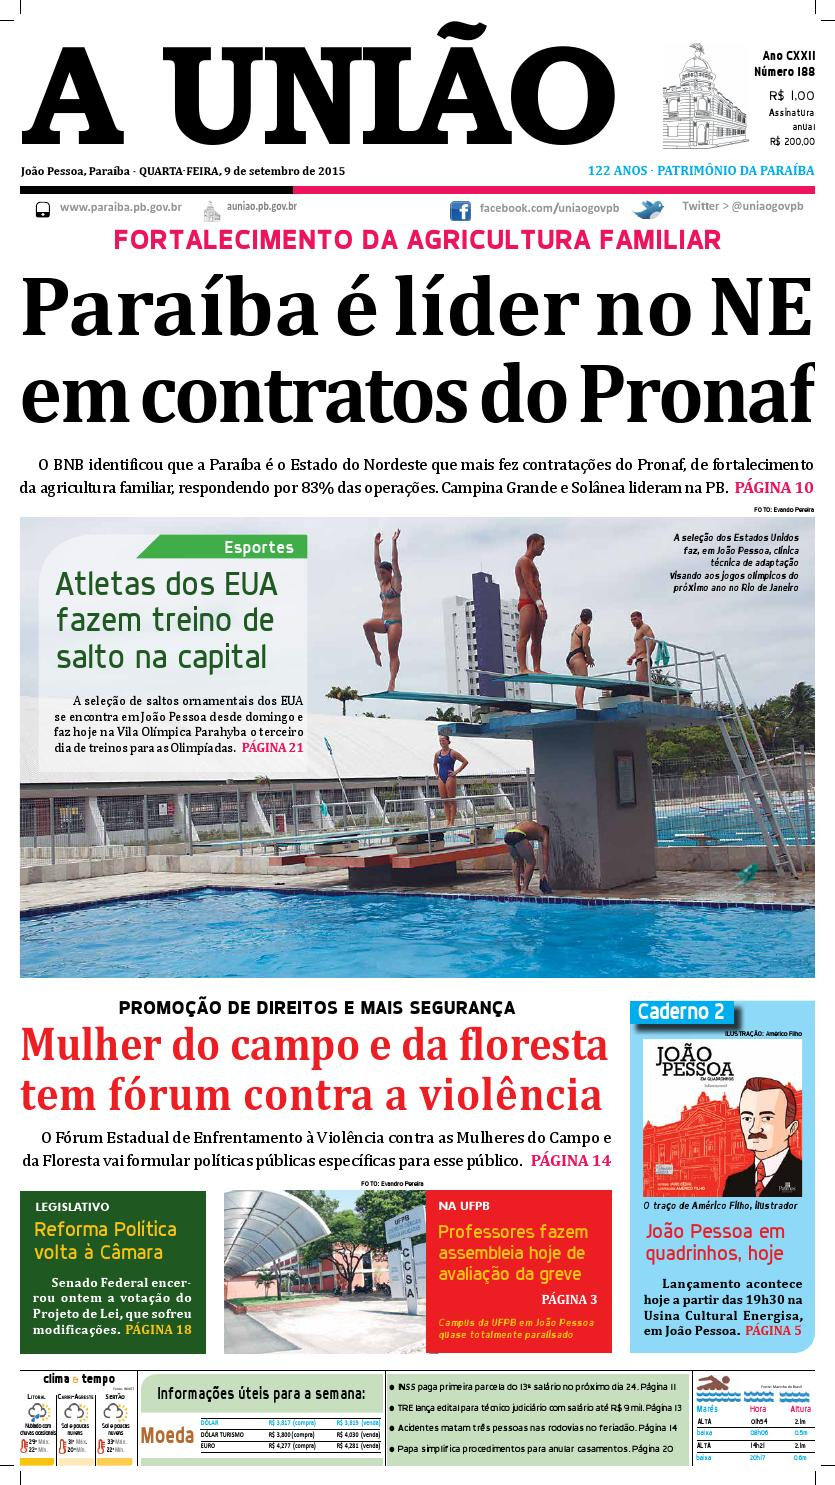 Jornal A União - 09 09 2015 by Jornal A União - issuu 3e81ae0a17587